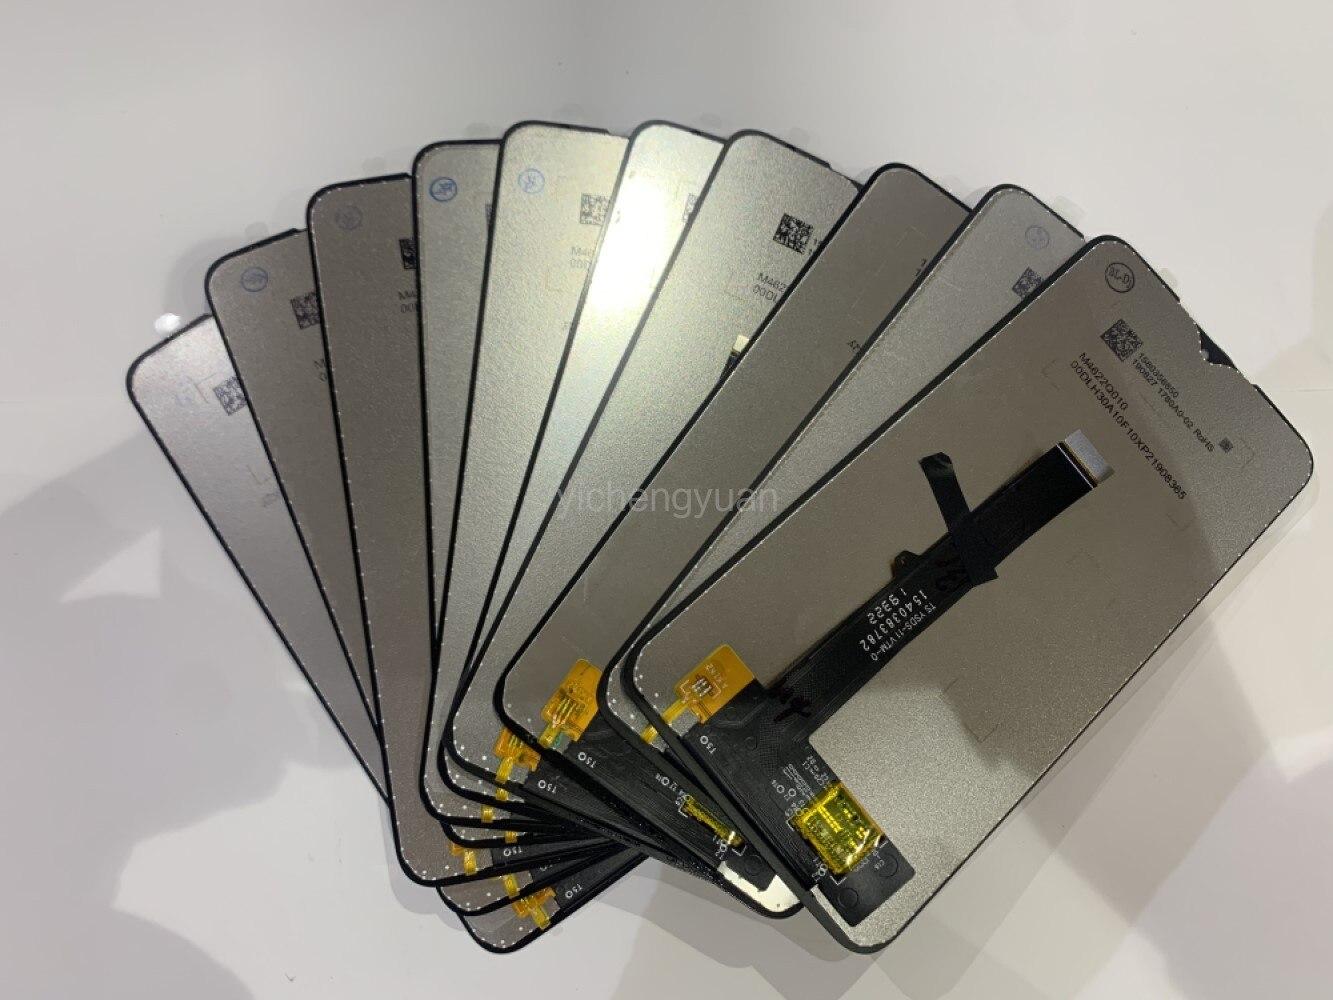 الجملة 10 قطعة/الوحدة ل موتو G8 اللعب شاشة LCD عرض مع اللمس محول الأرقام الجمعية XT2015 XT2015-2 Lcd التوصيل المجاني